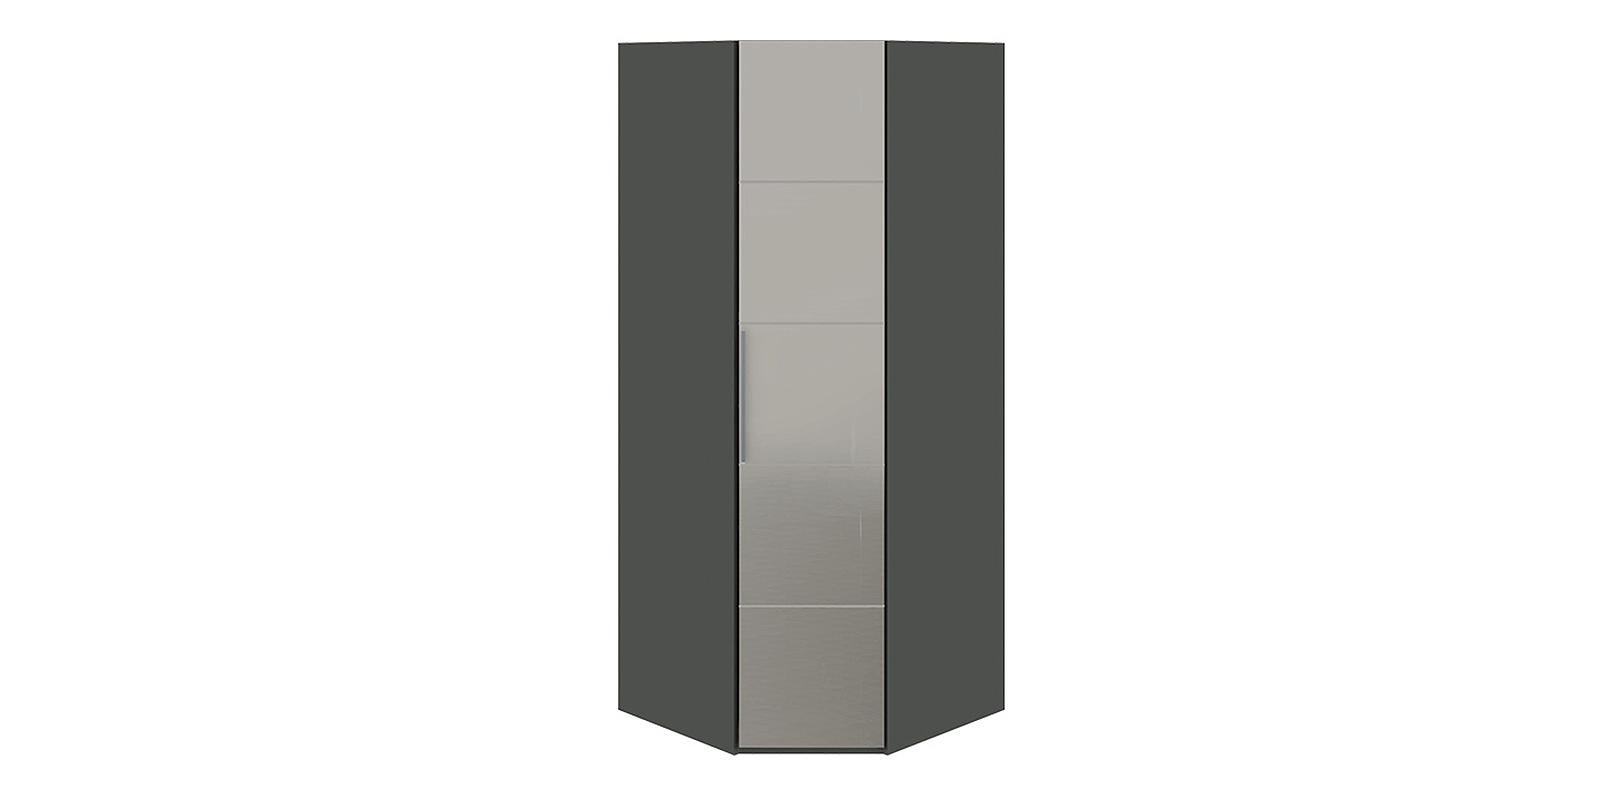 Шкаф распашной угловой Сорренто вариант №2 левый (темно-серый/зеркало) Сорренто